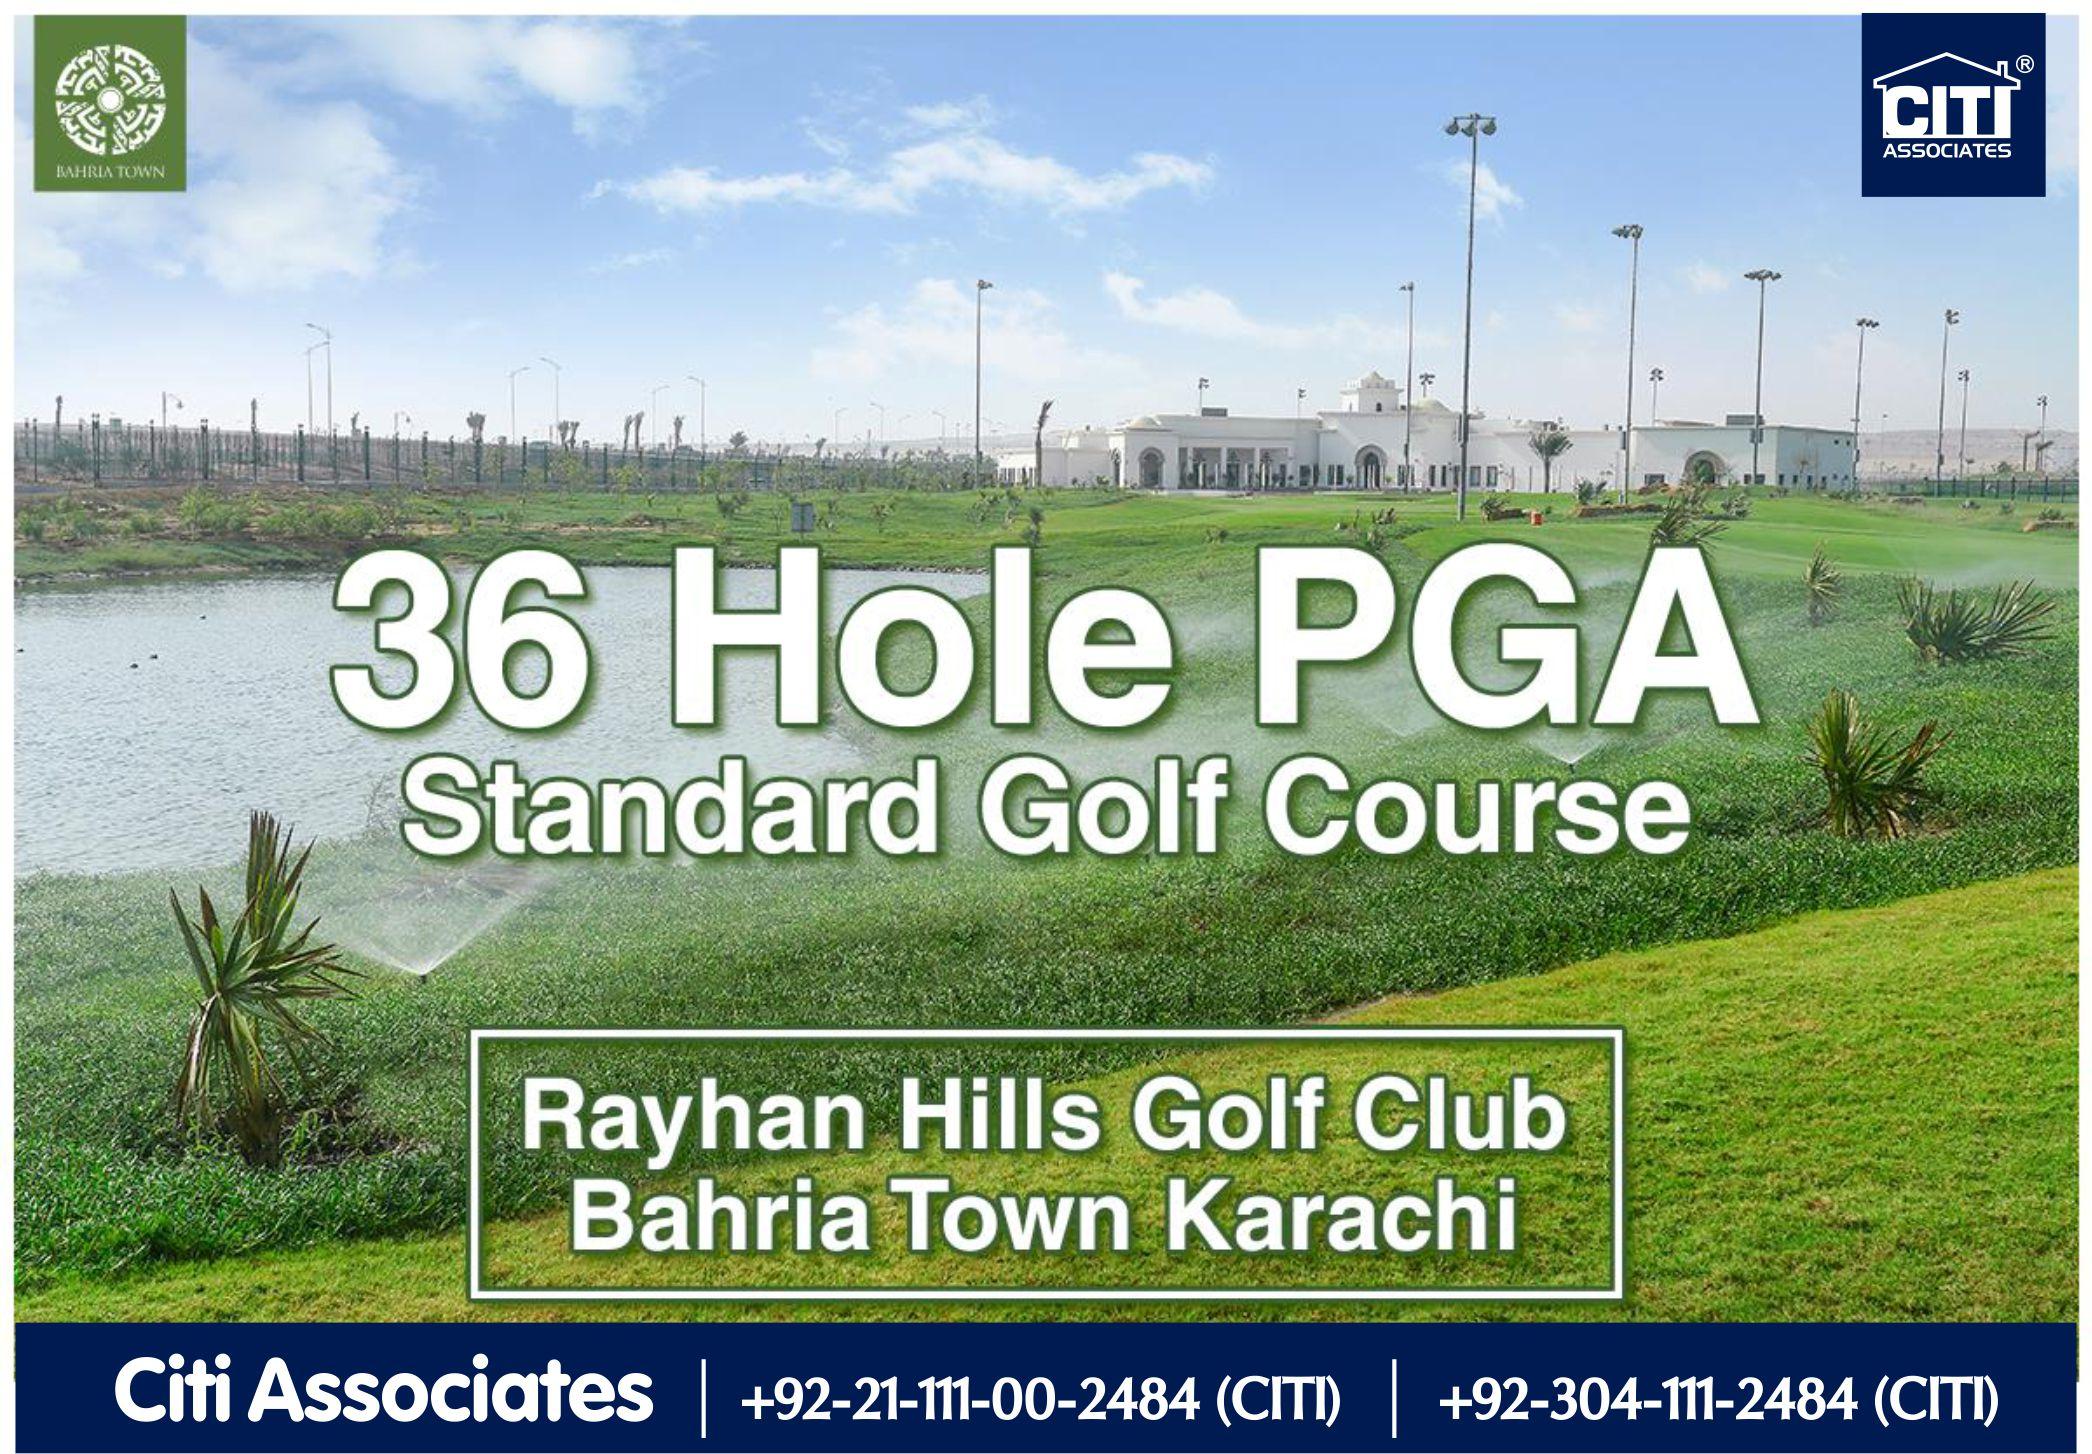 Rayhan Hills | Golf Club | Bahria Town Karachi